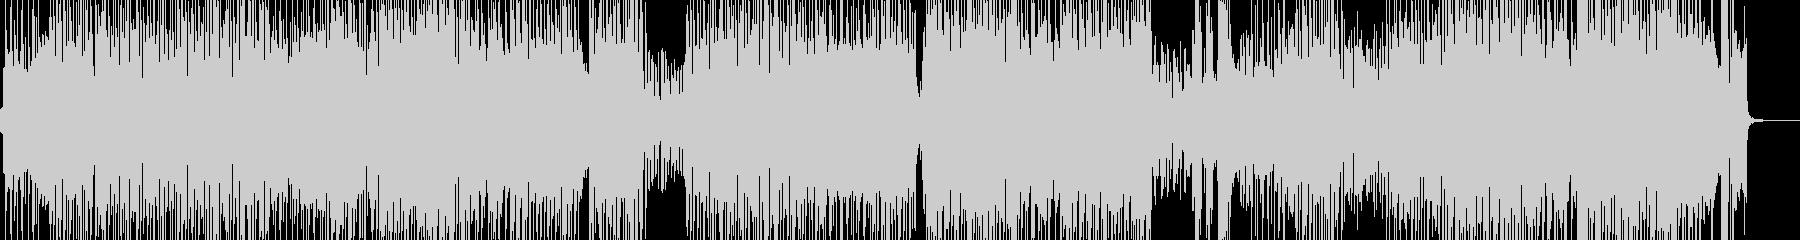 パステル調・少女風メルヘンロック Bの未再生の波形